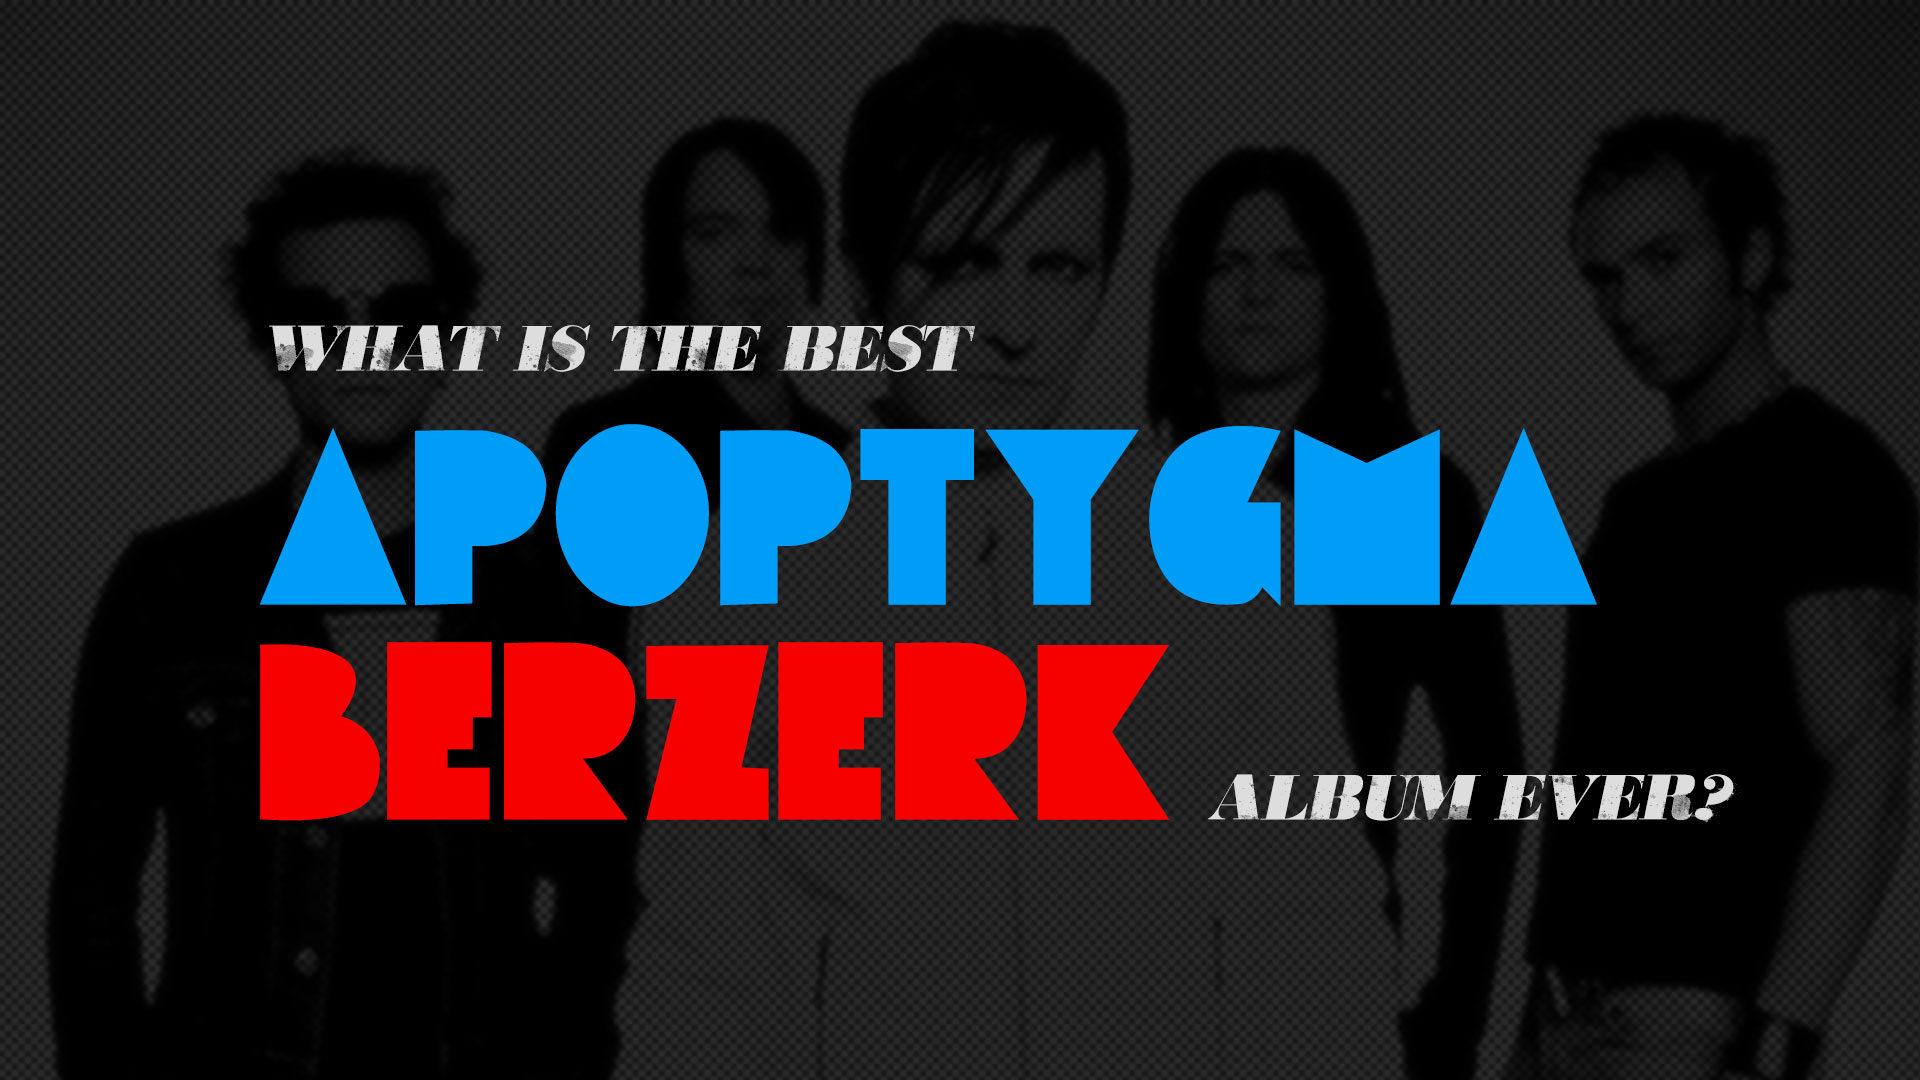 What is the best Apoptygma Bezerk album ever?